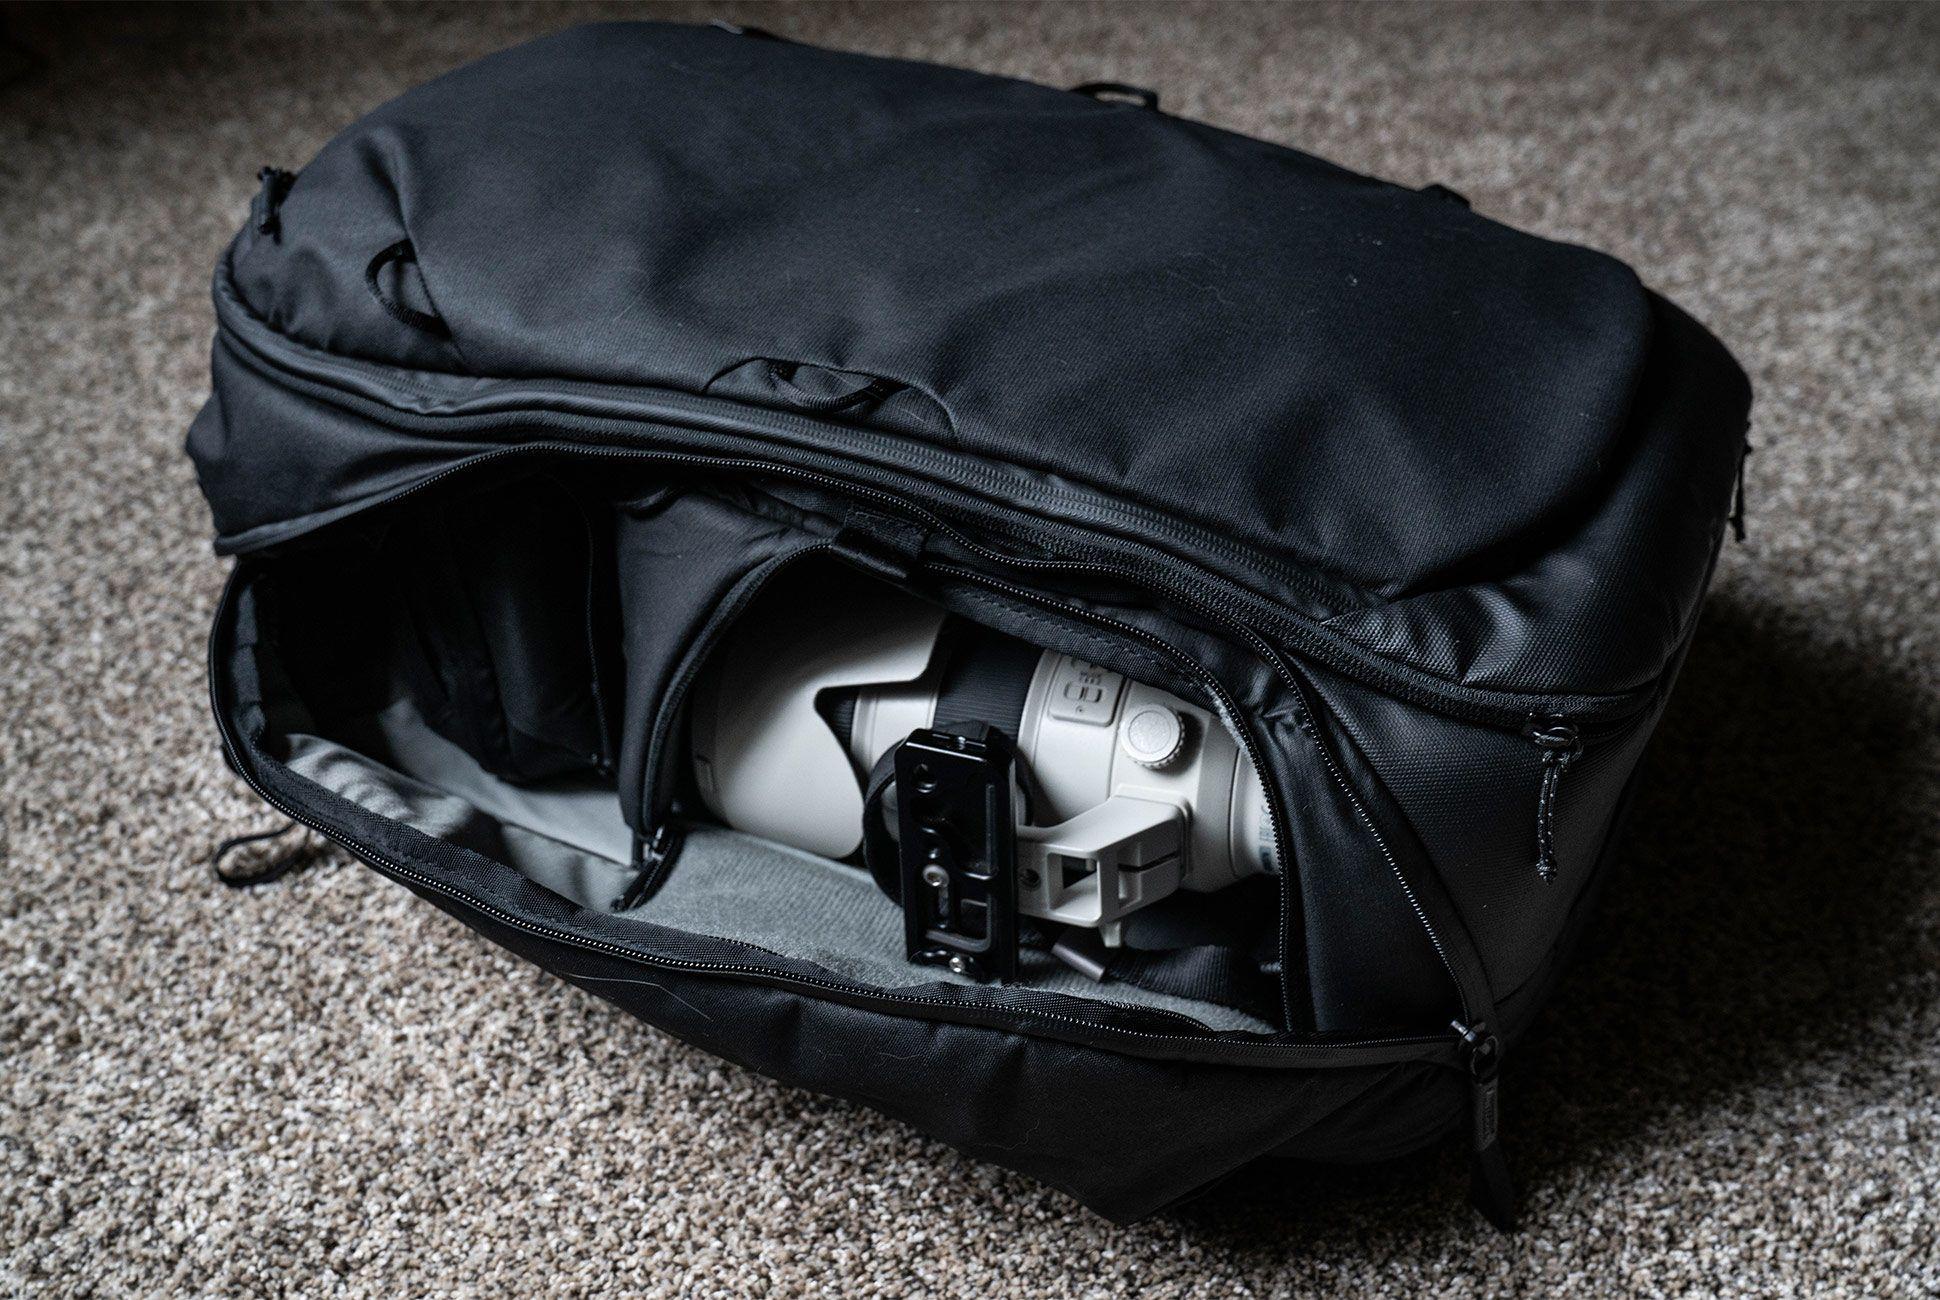 peak-design-backpack-gear-patrol-slide-05